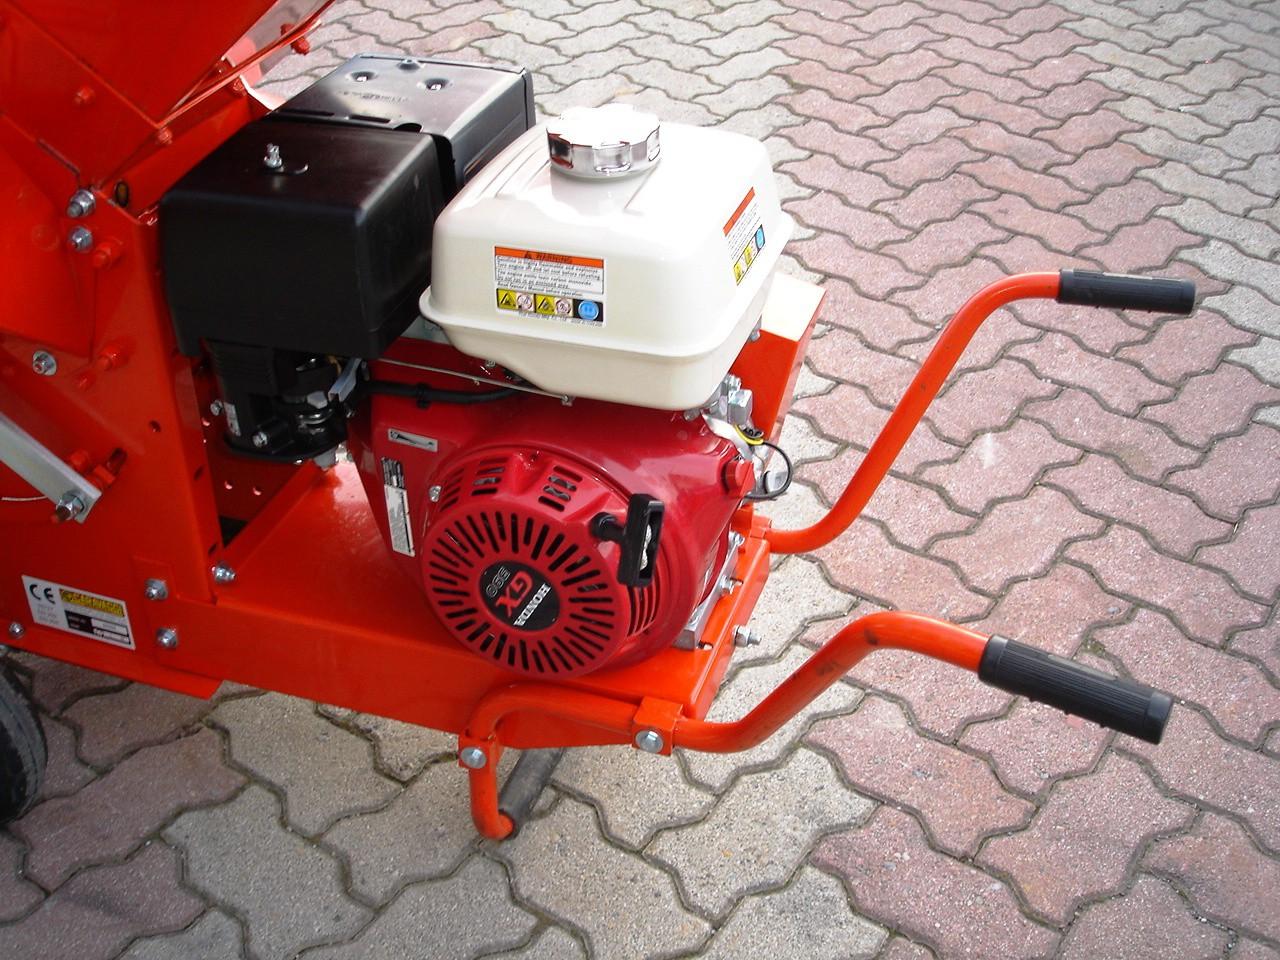 Trituratore da giardino usato mulino elettrico per for Subito it arredamento da giardino usato